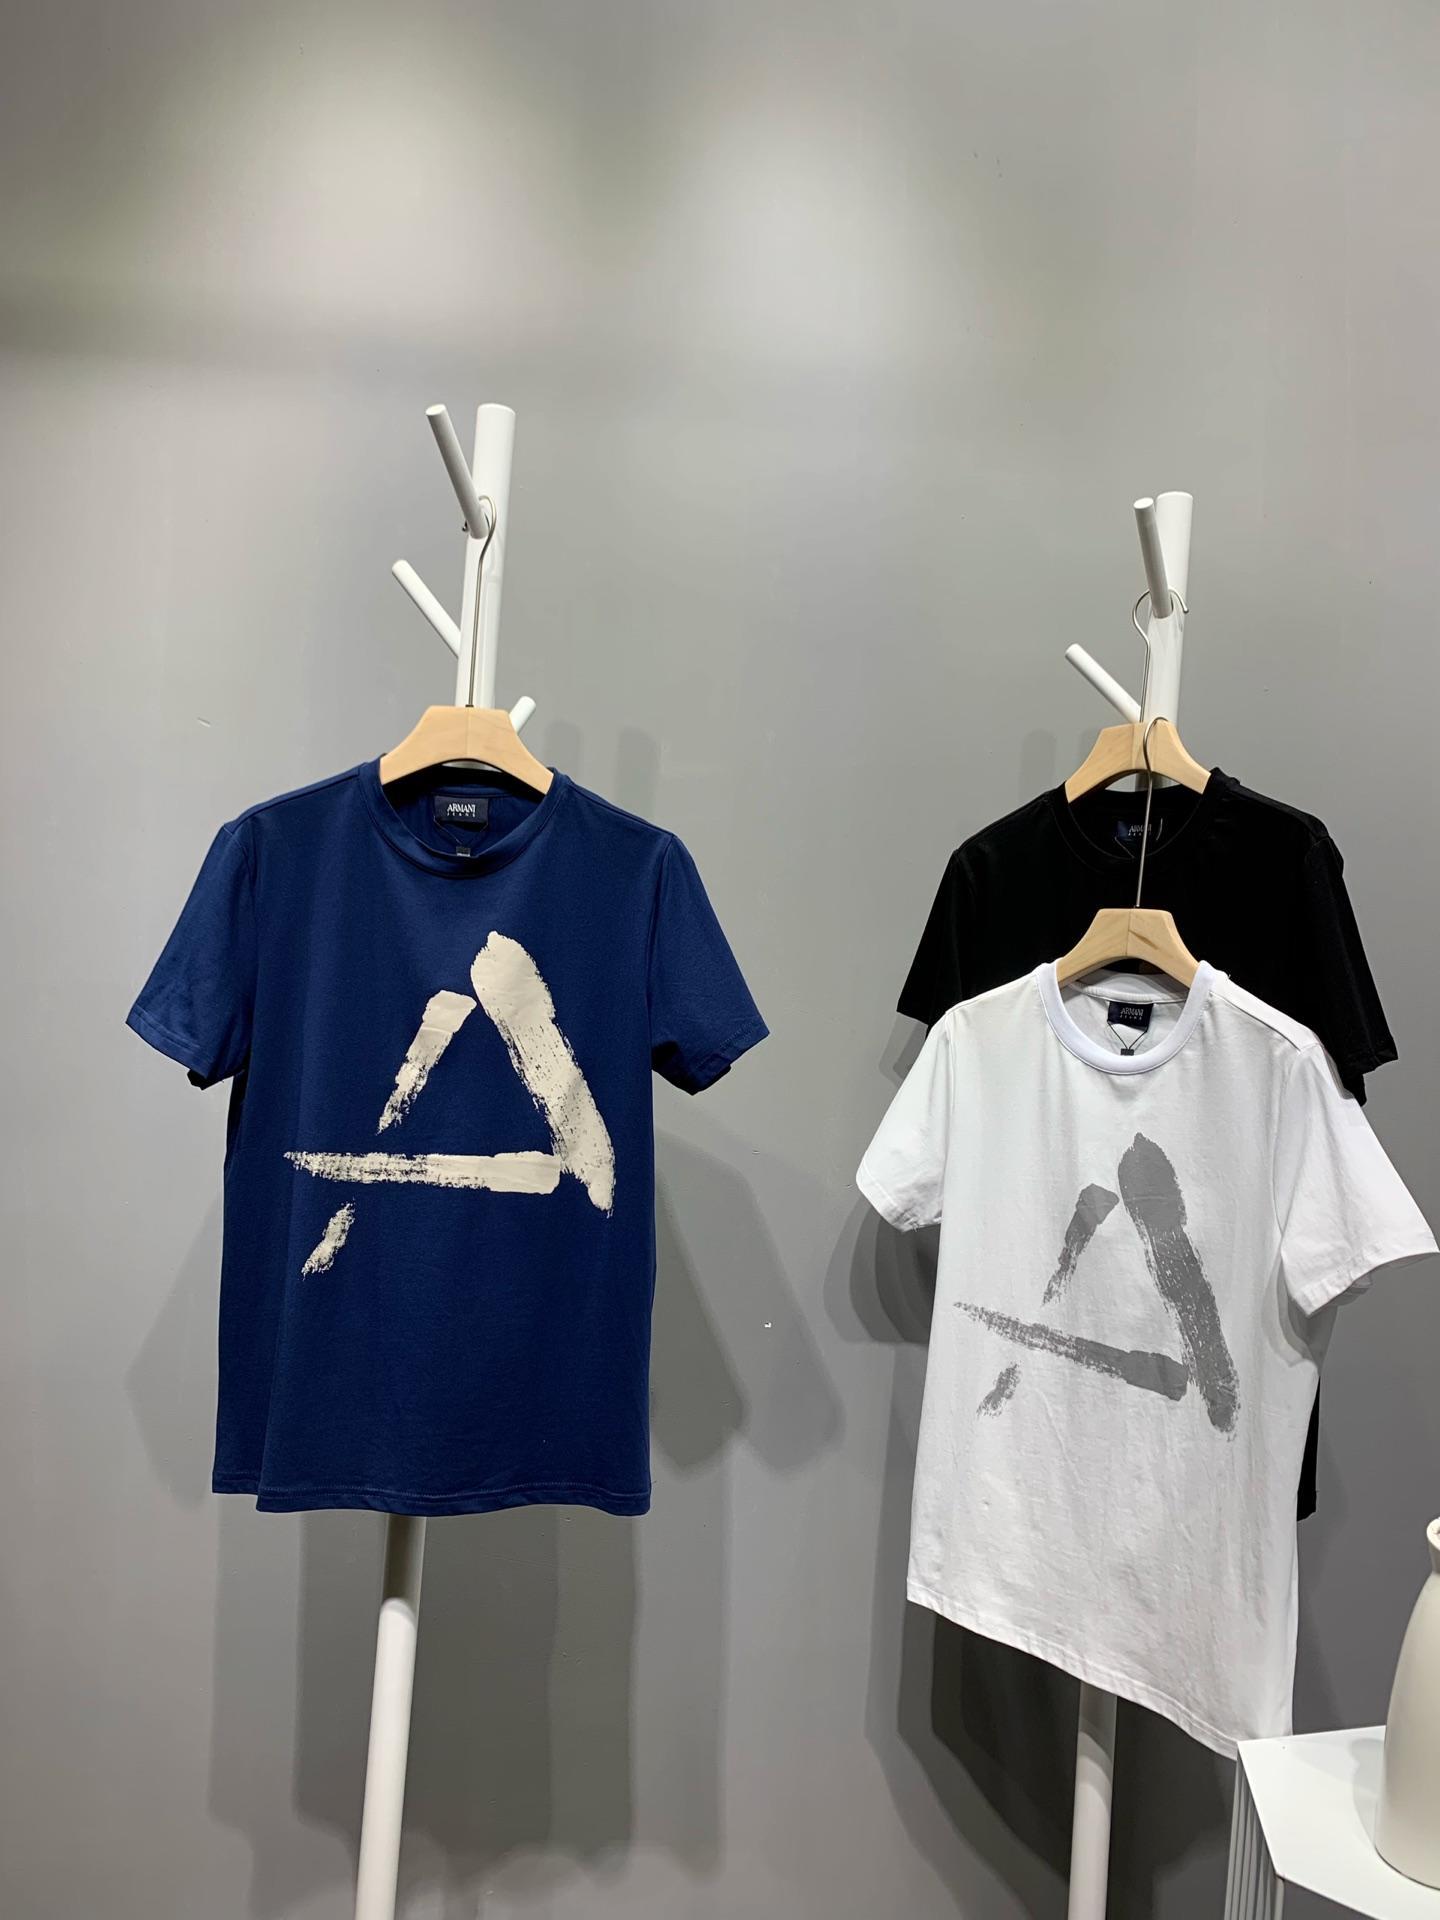 Armaniアルマーニ メンズ Tシャツ 専門店届かない 日本国内発送 後払い